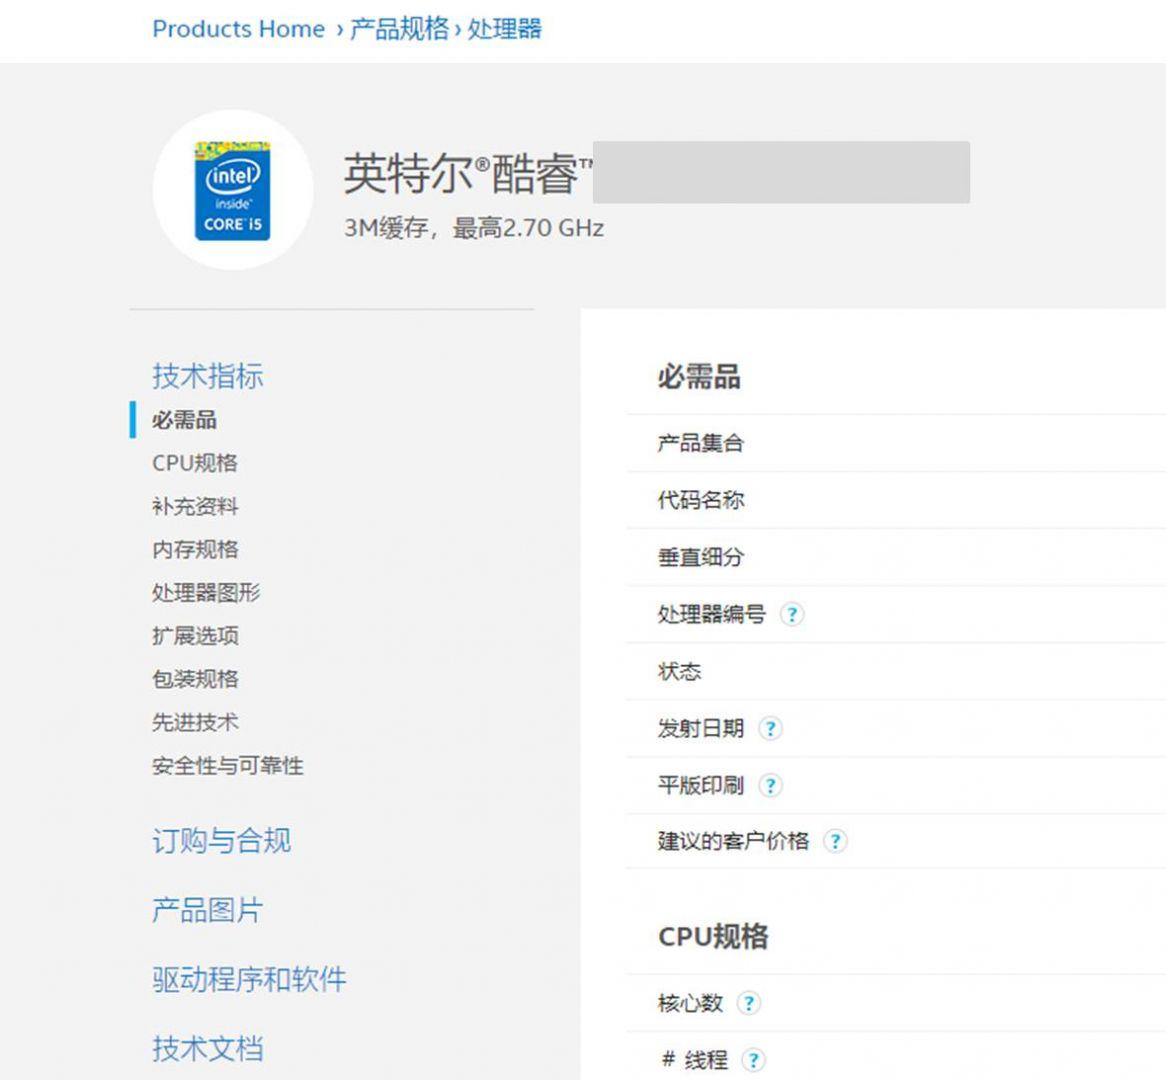 产品信息页面